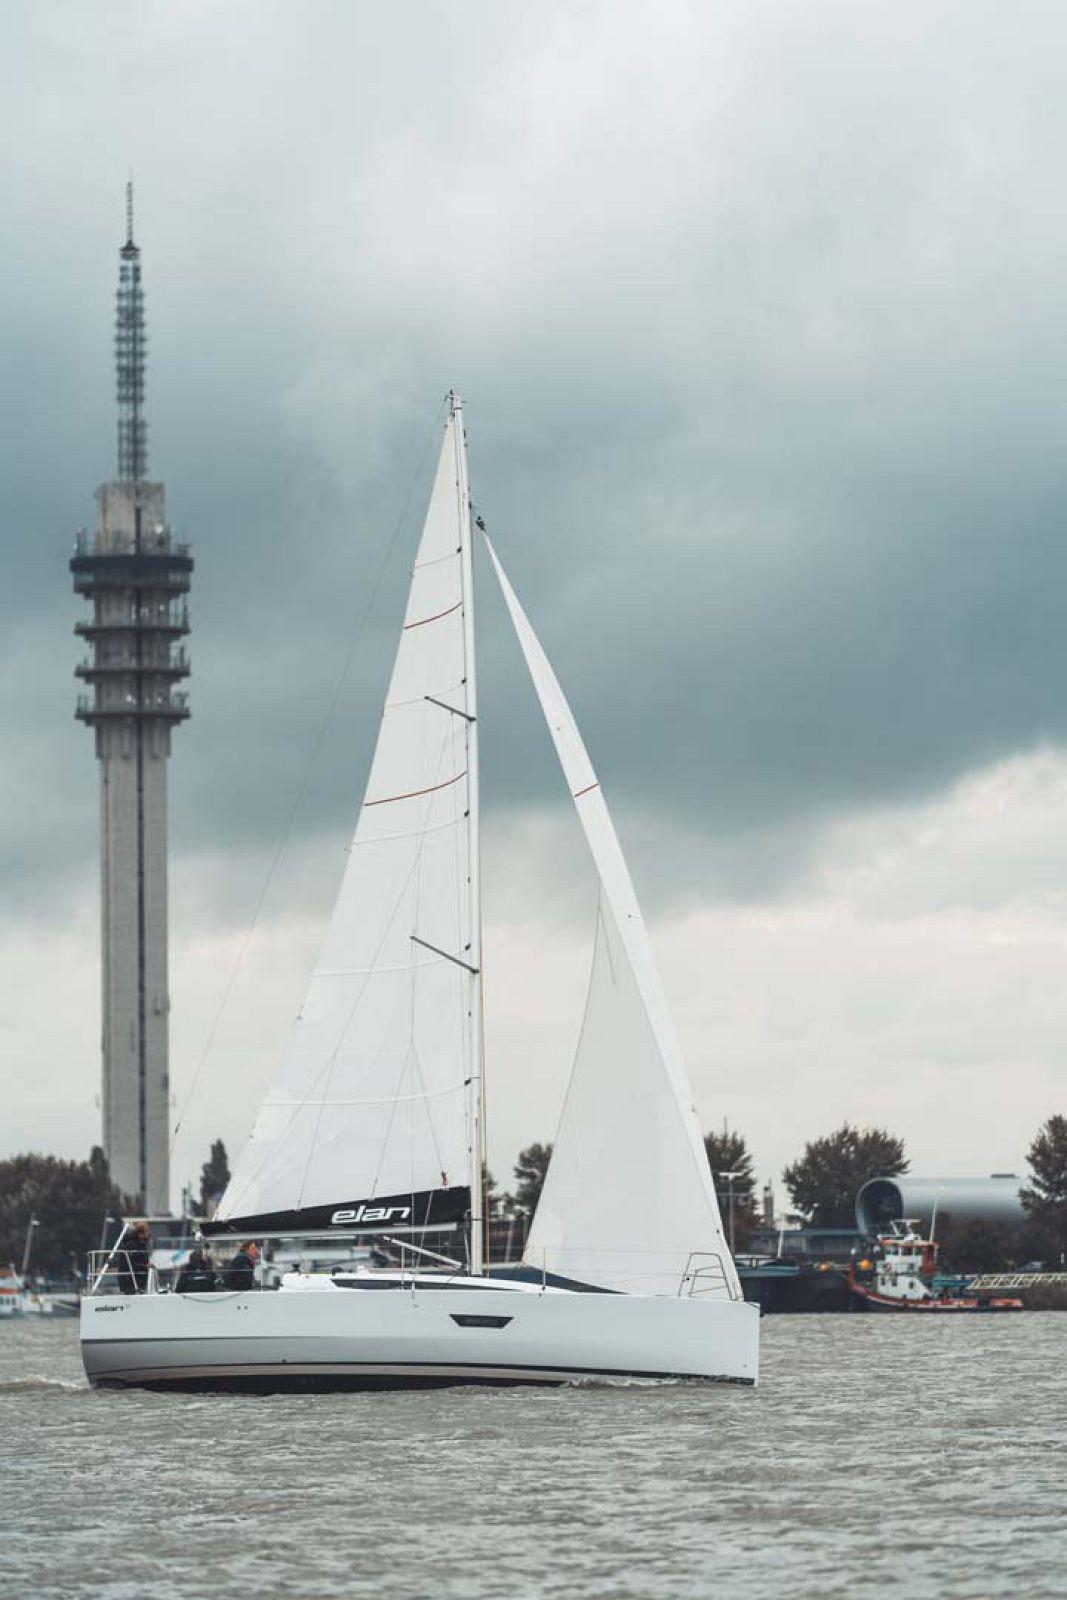 Elan-Yachts-E3-Sailboat-Mast